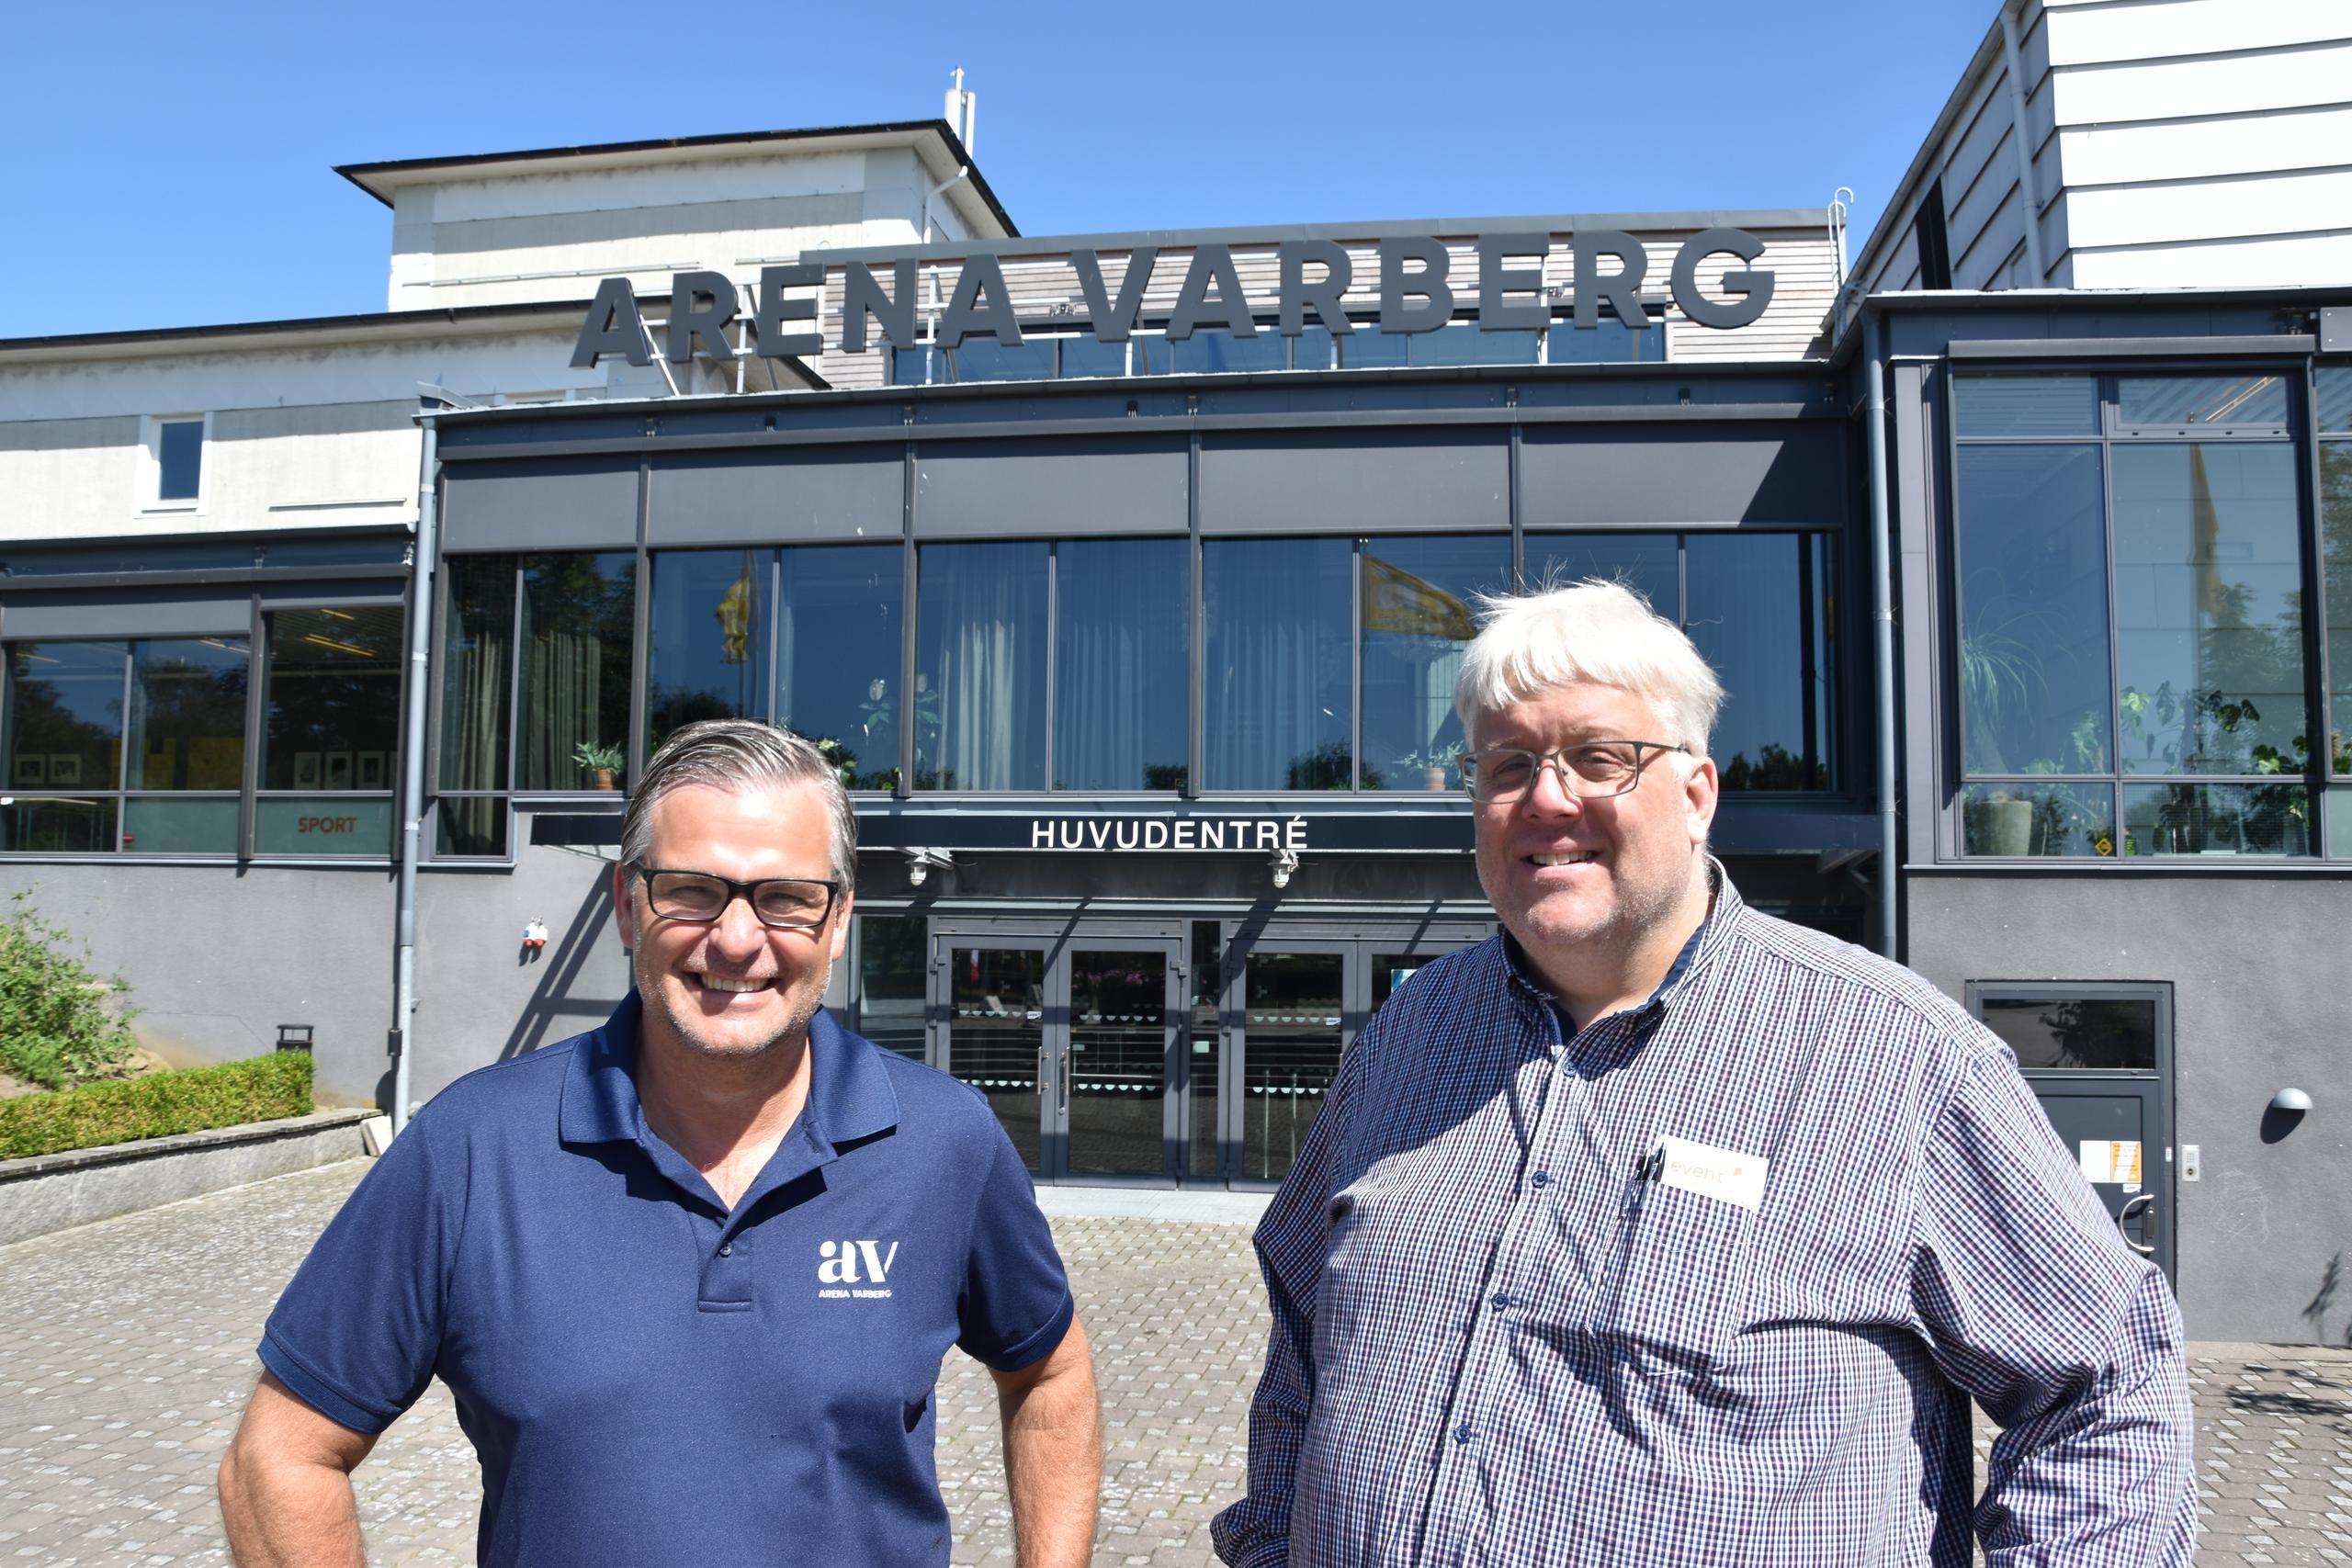 Kommunalt bolag bygger ny restaurang